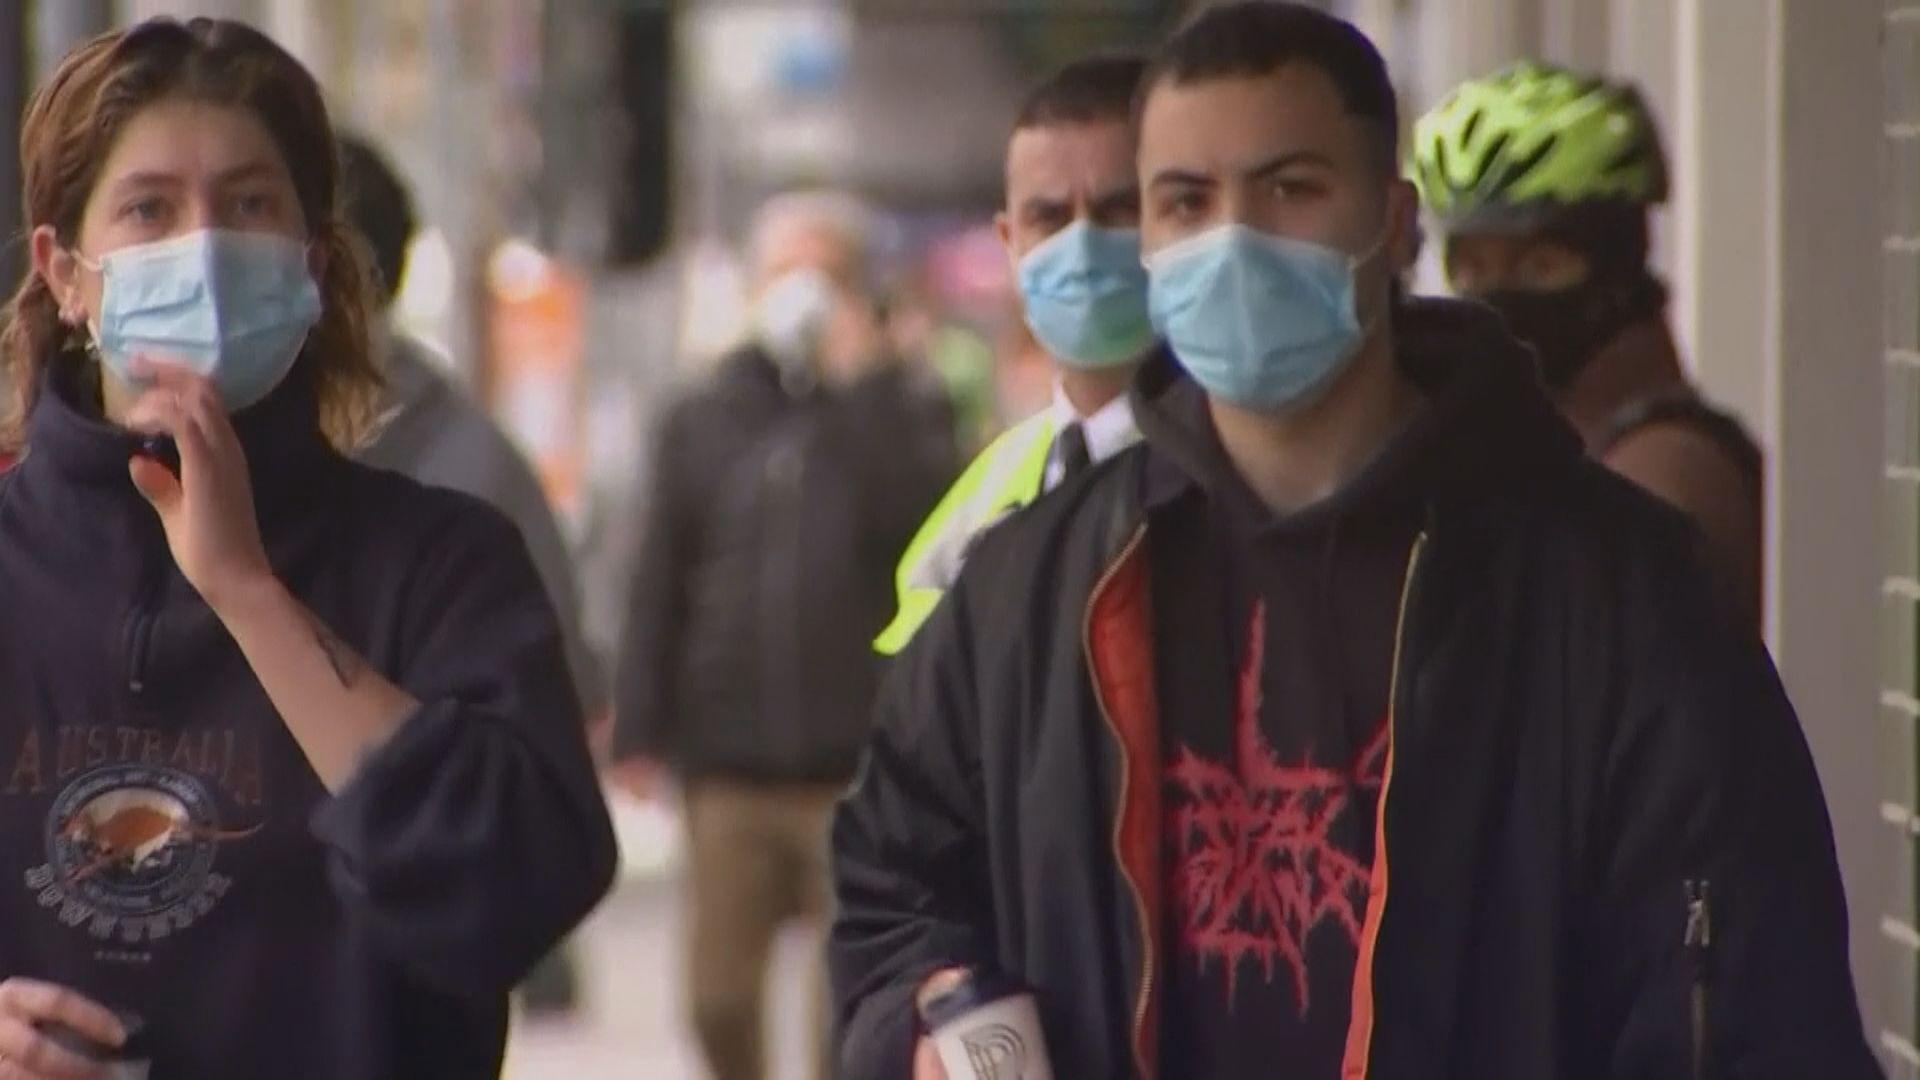 墨爾本再增新冠病例 當局推遲放寬防疫措施